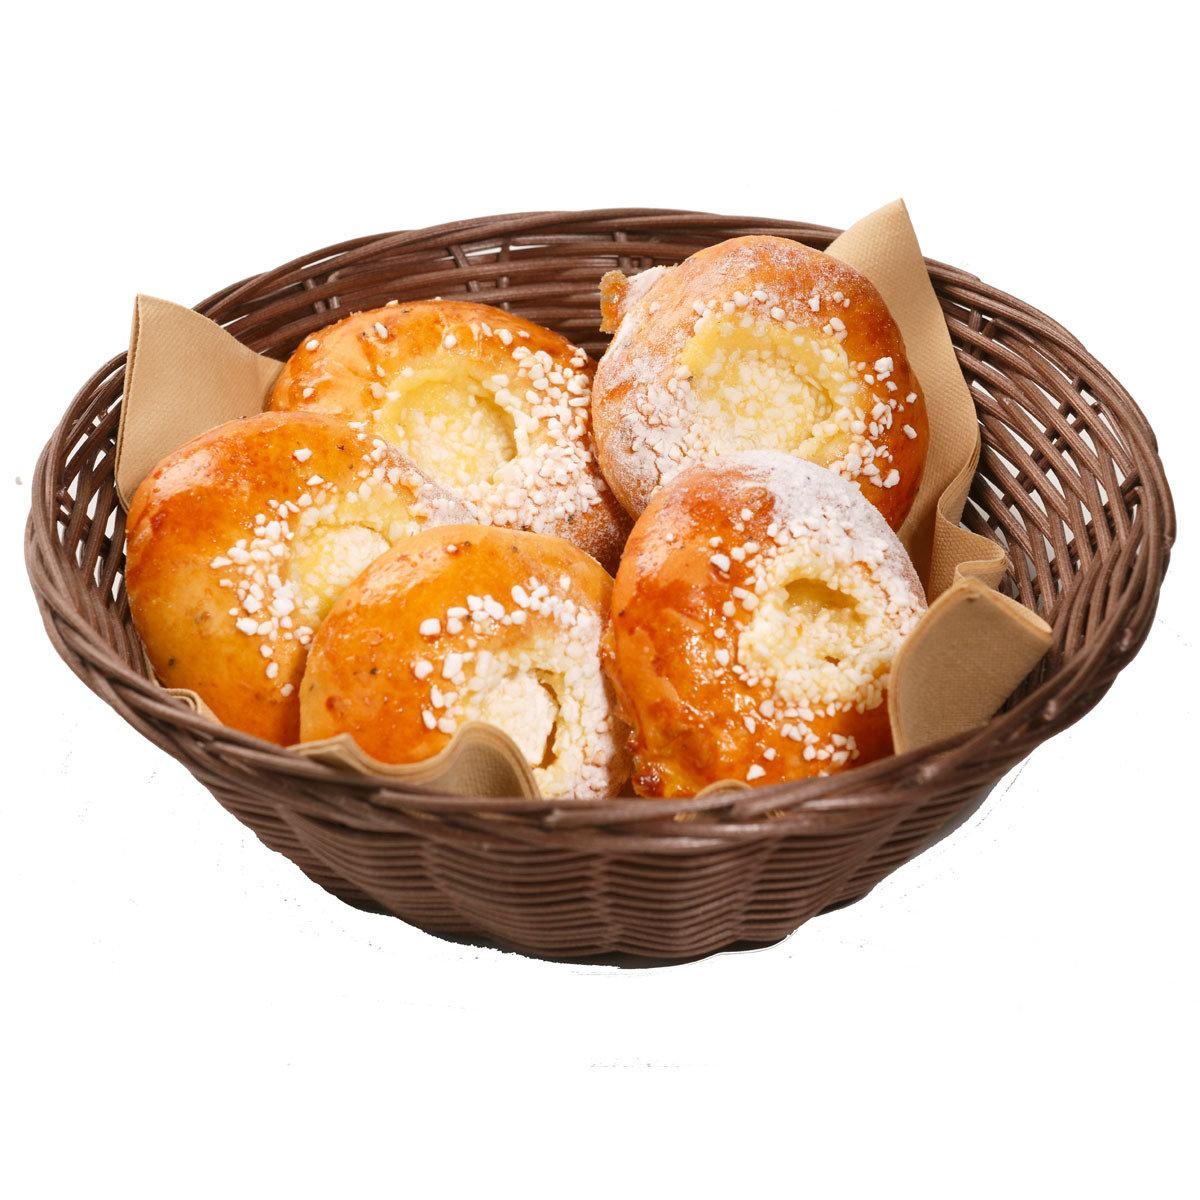 Rahkatäytepulla (5 kpl) bakery054